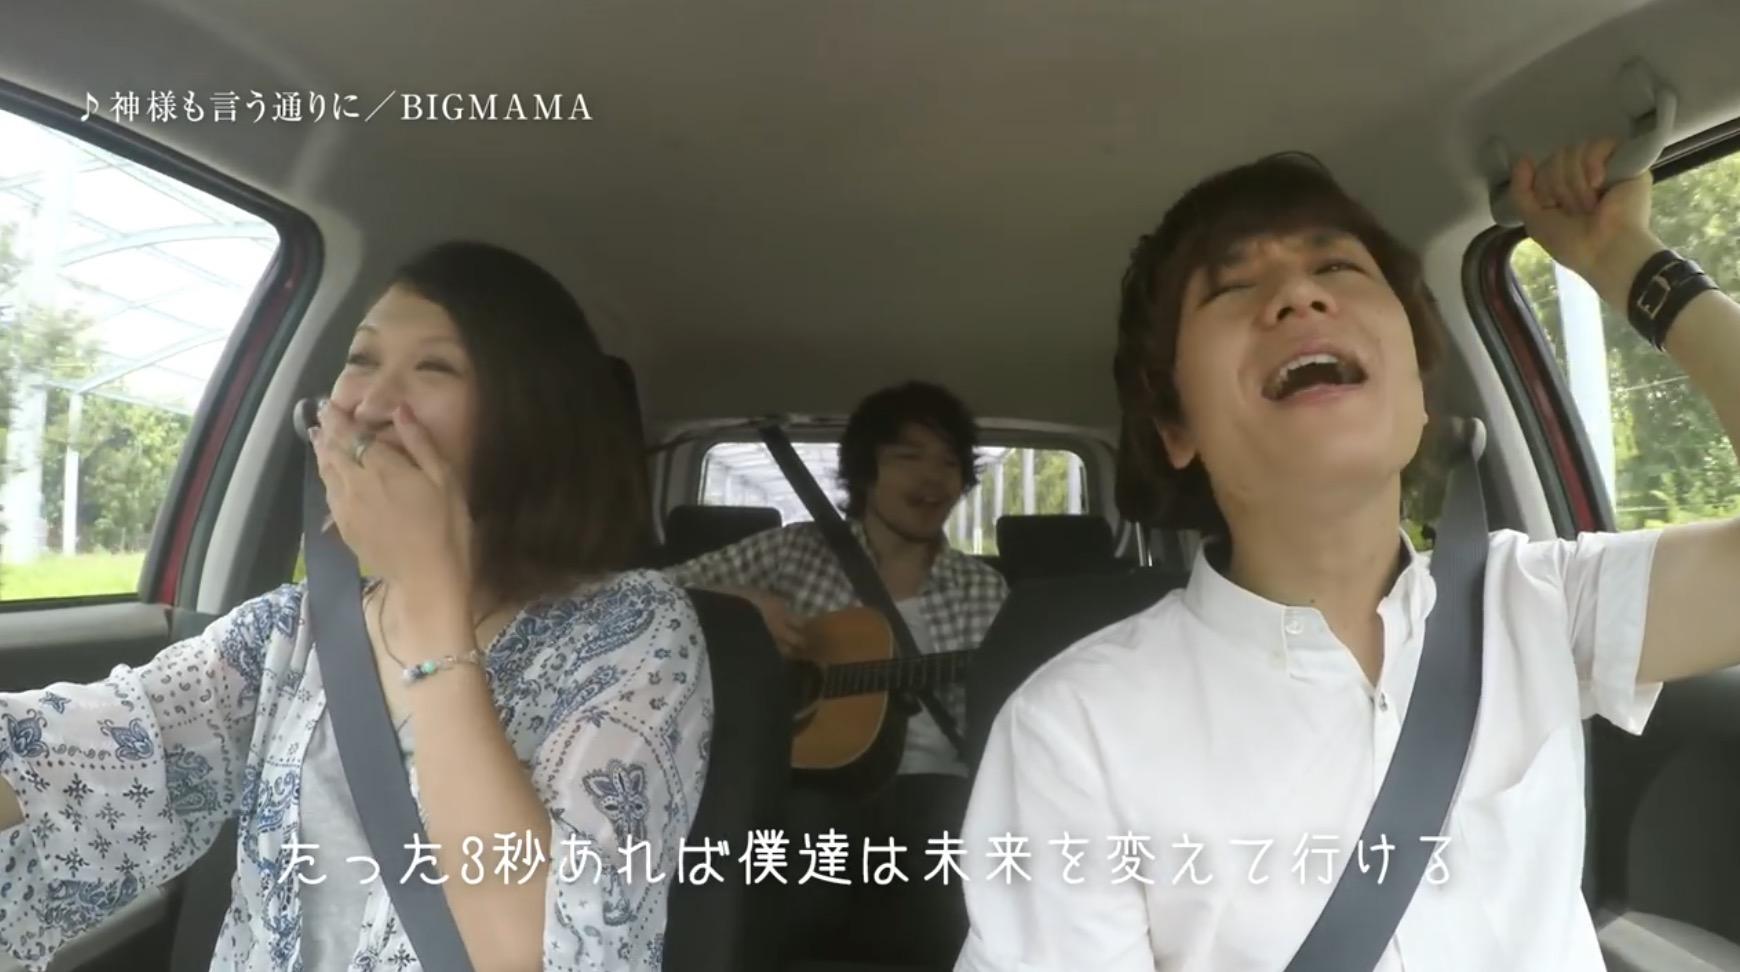 ヒッチハイクしていたのはなんと人気バンド「BIGMAMA」のメンバー!車内で持ち曲を生演奏し、ファン大歓喜!!